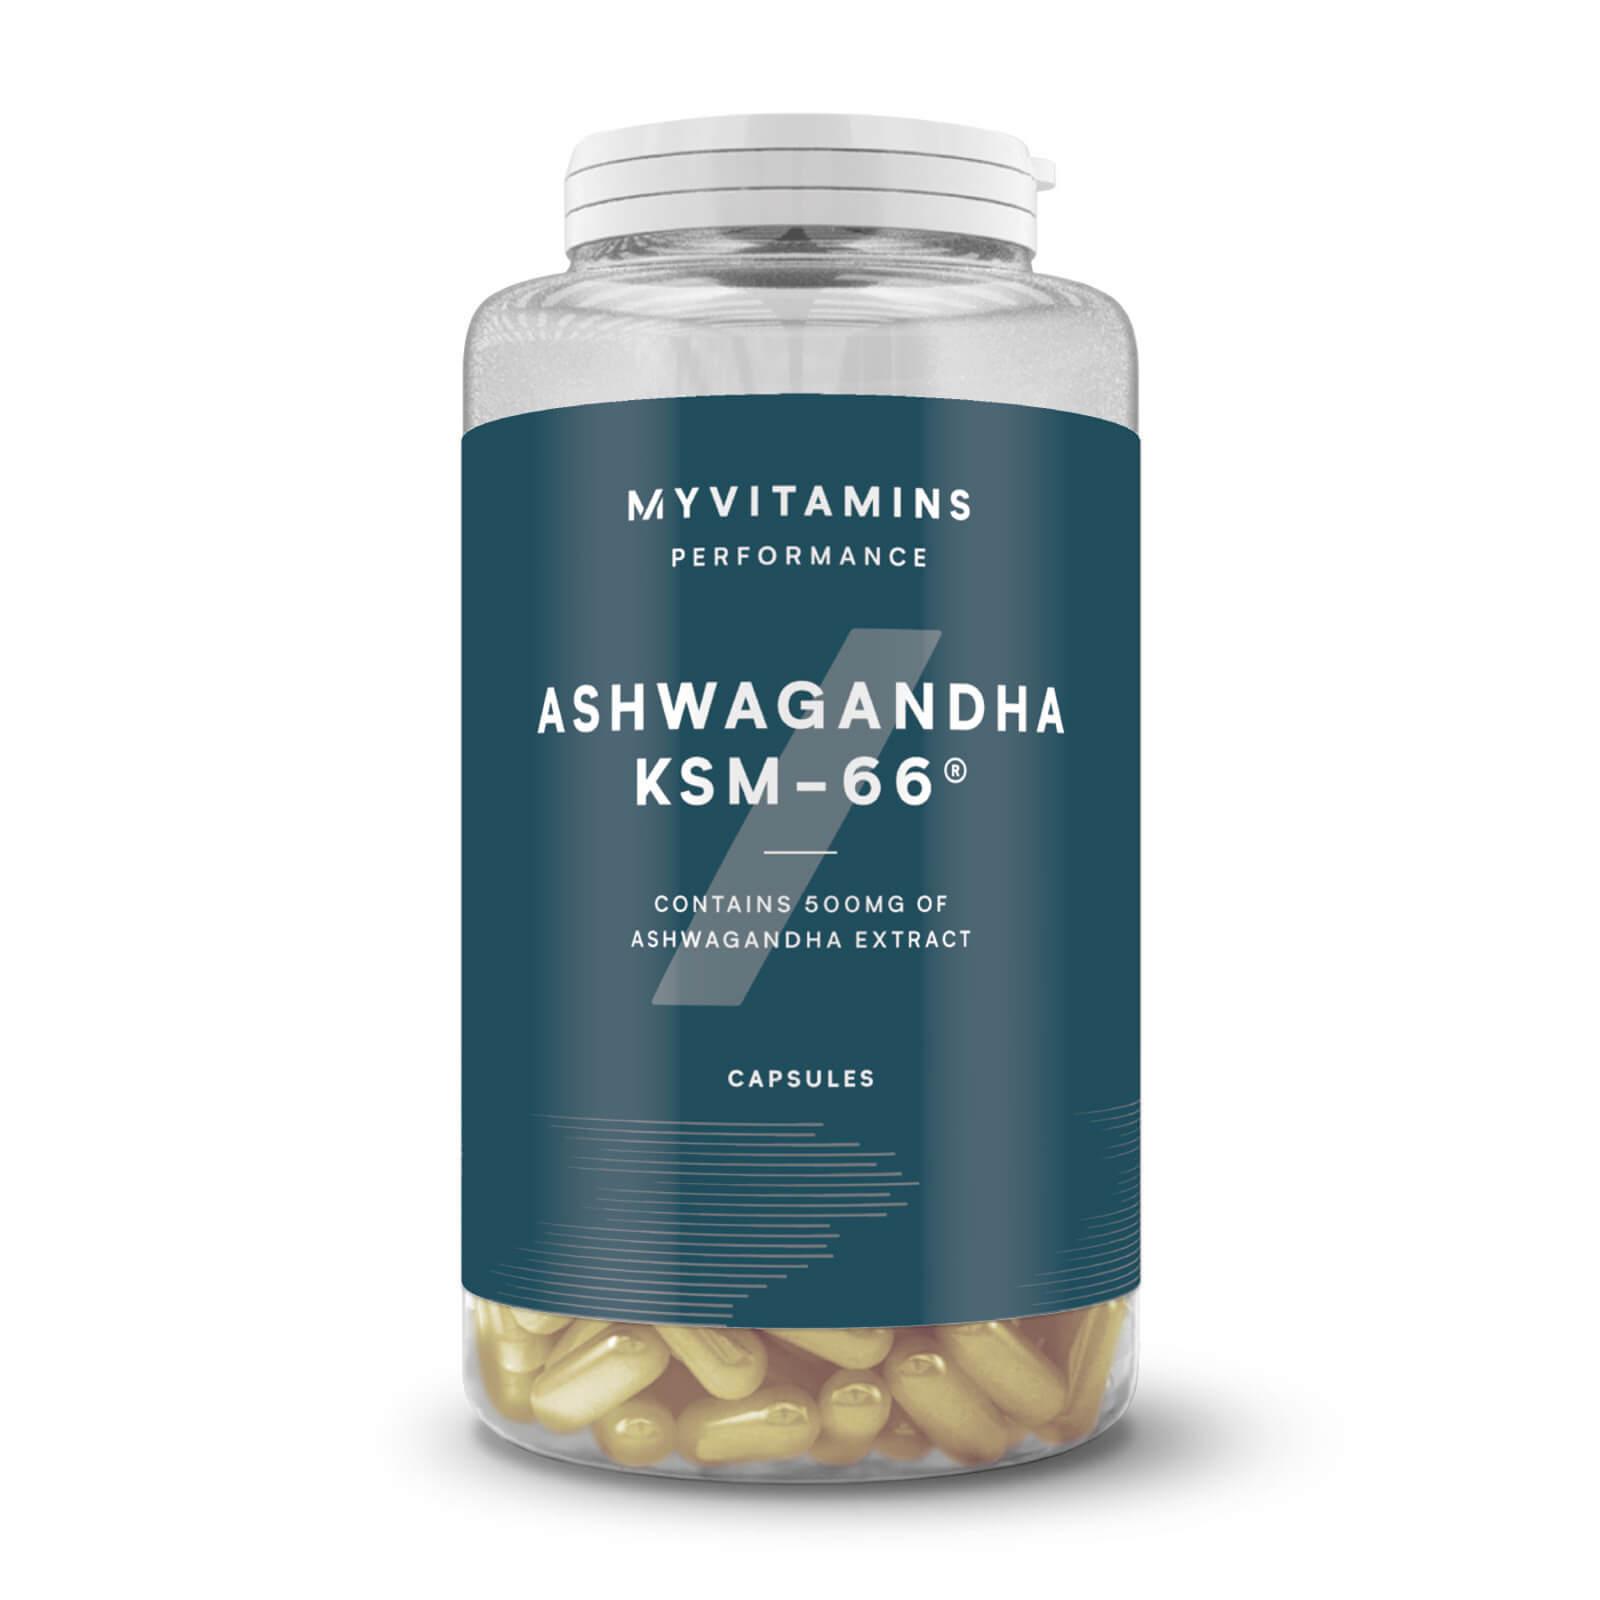 Myvitamins KSM-66® Ashwagandha Kapseln - 90Kapseln